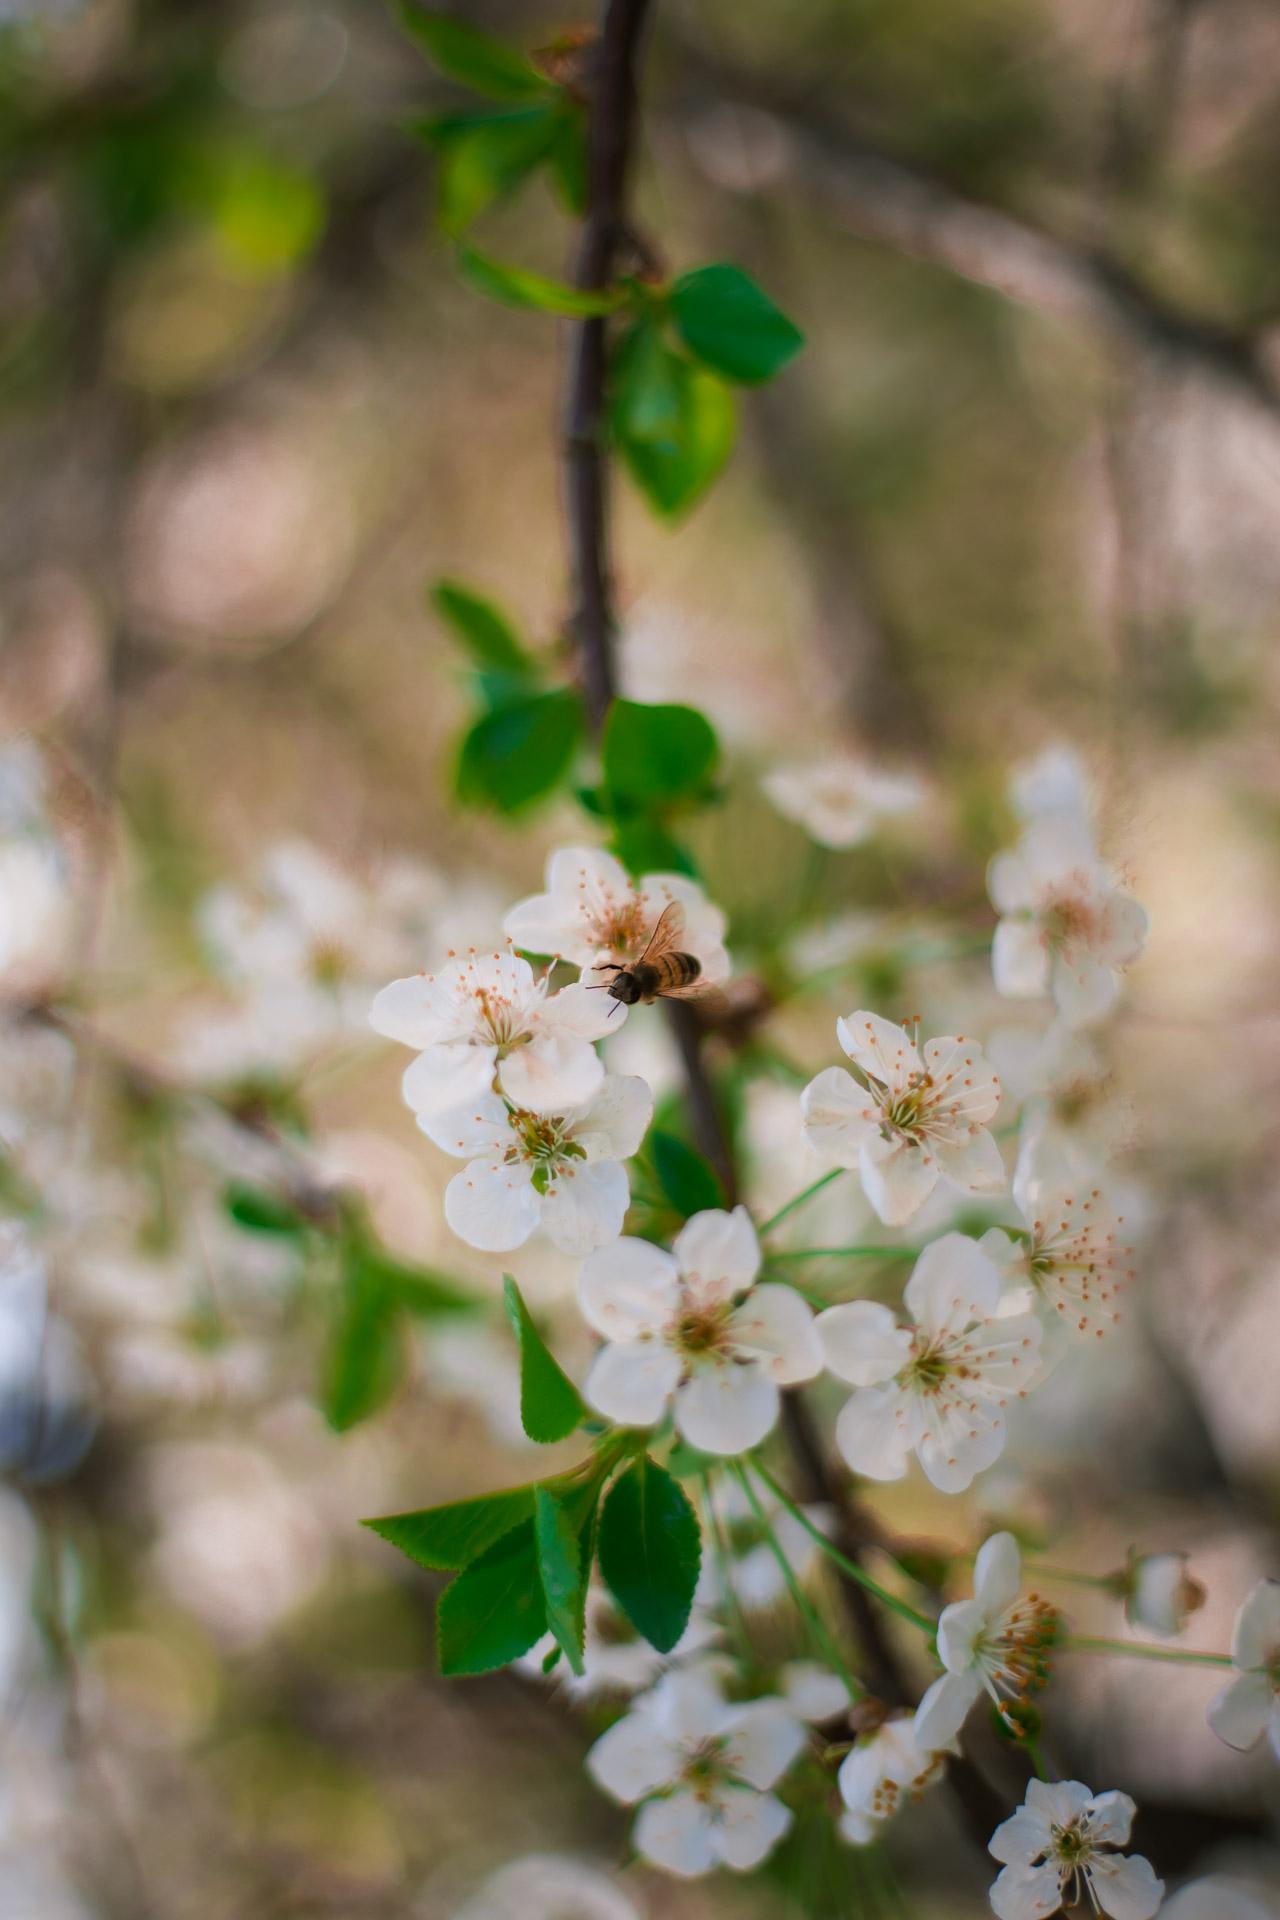 fotografia con ape